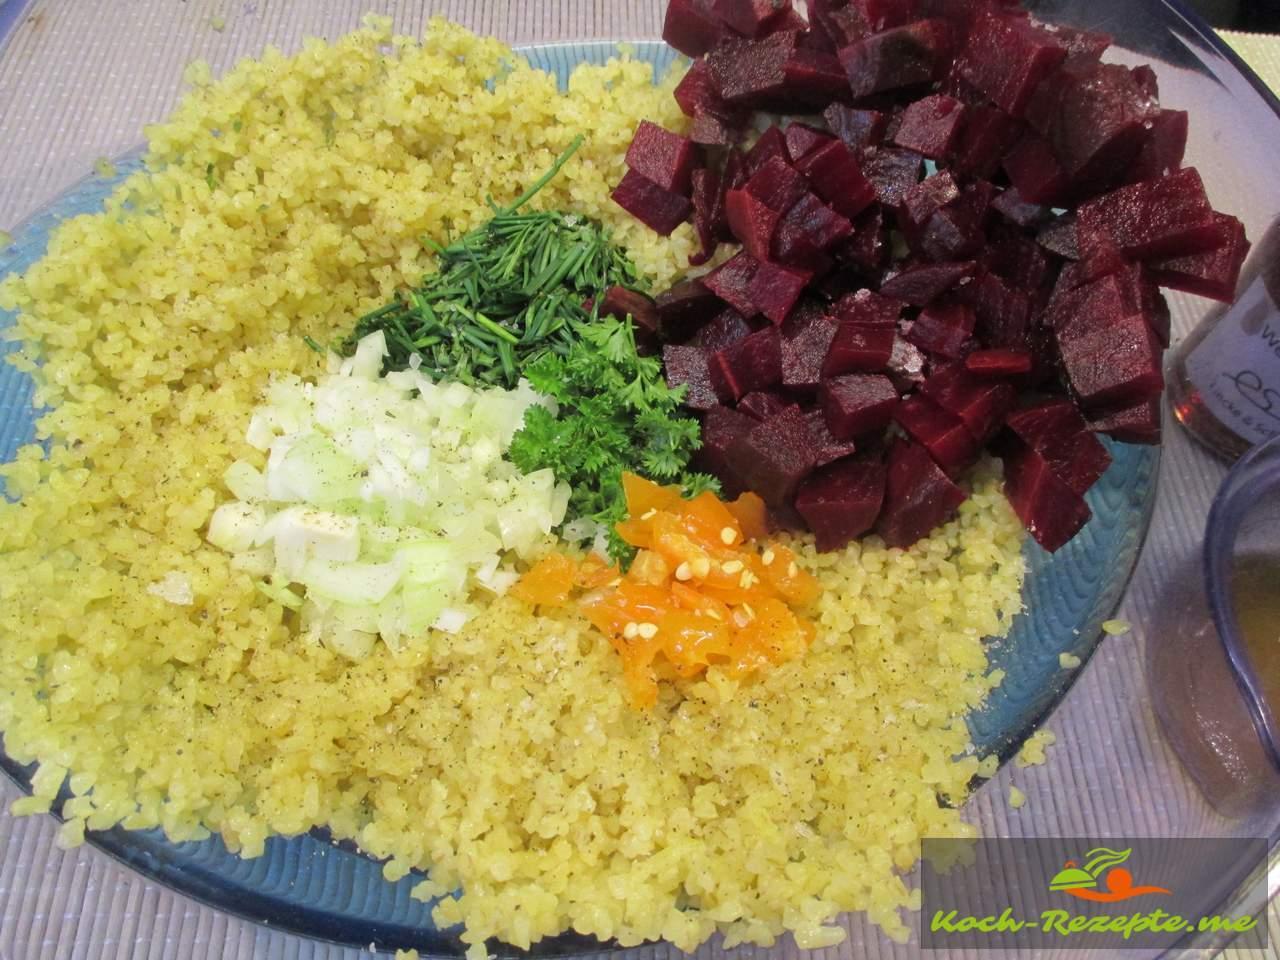 Kisir Salat, Bulgursalat herstellen mit guten Zutaten einmaliger Geschmack